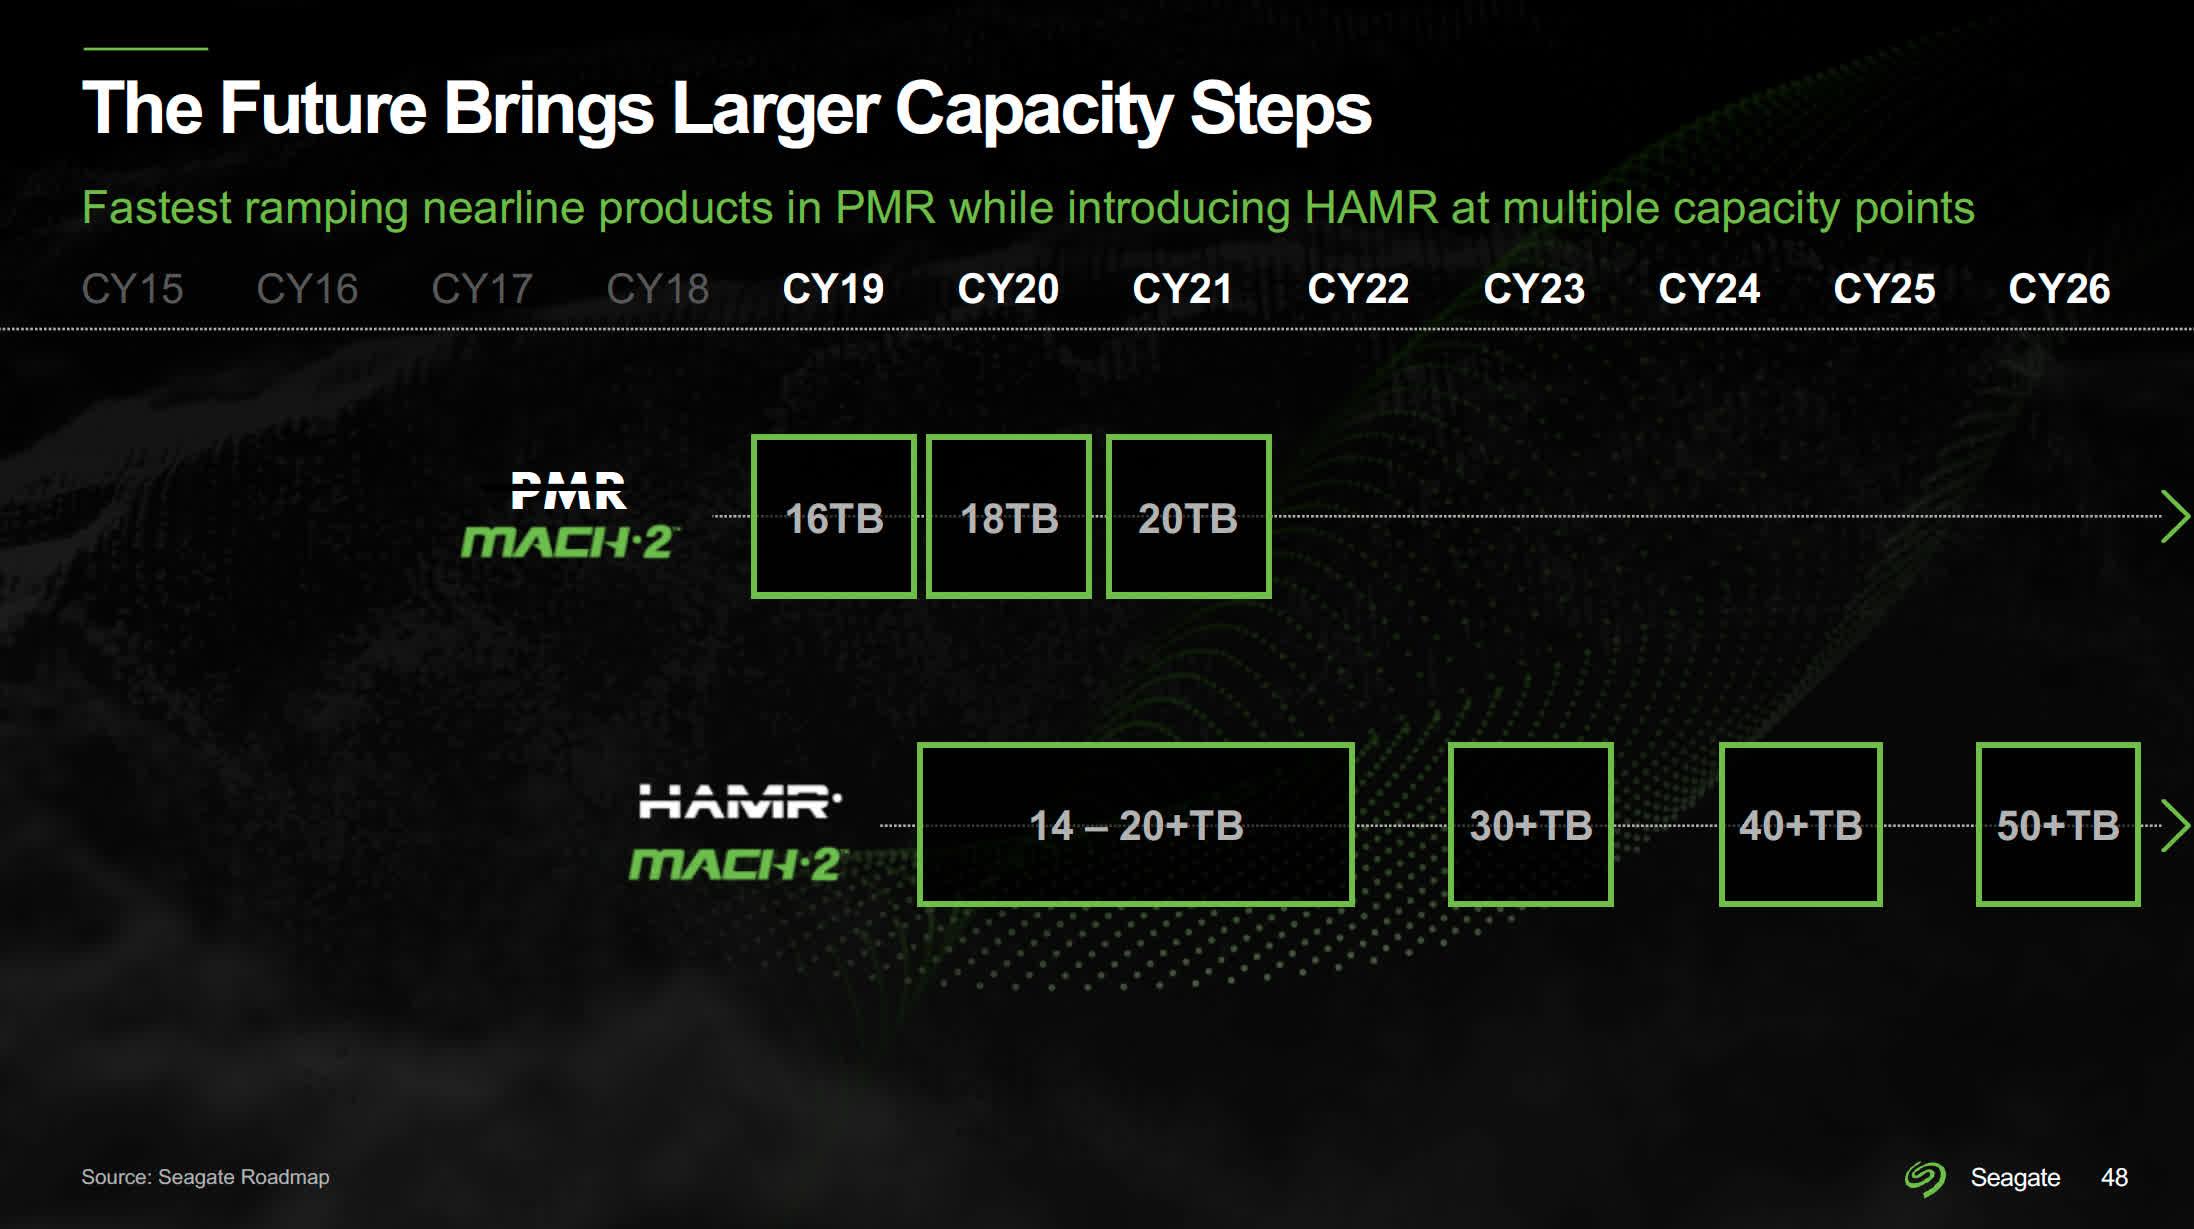 Seagate progresse sur la technologie HAMR de deuxieme generation des